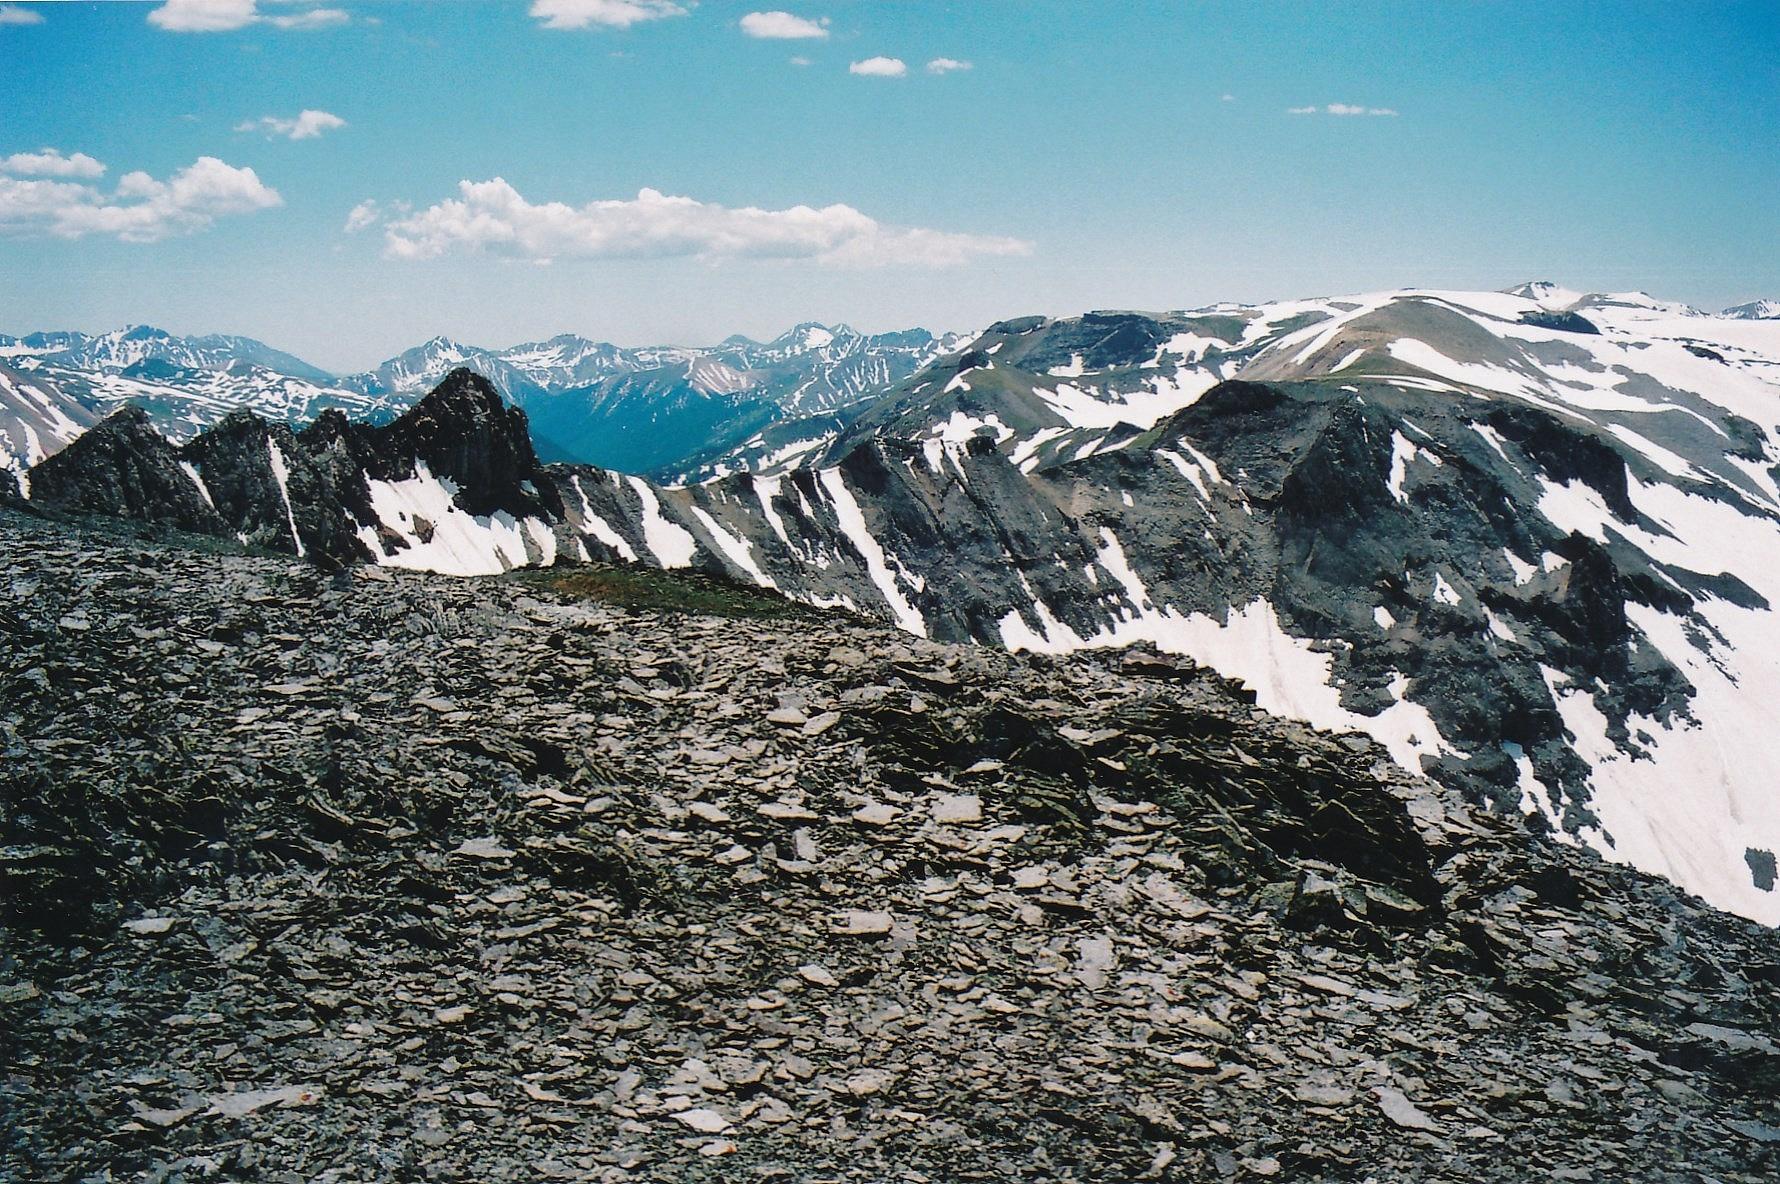 Hayden Mountain, North - 13,139